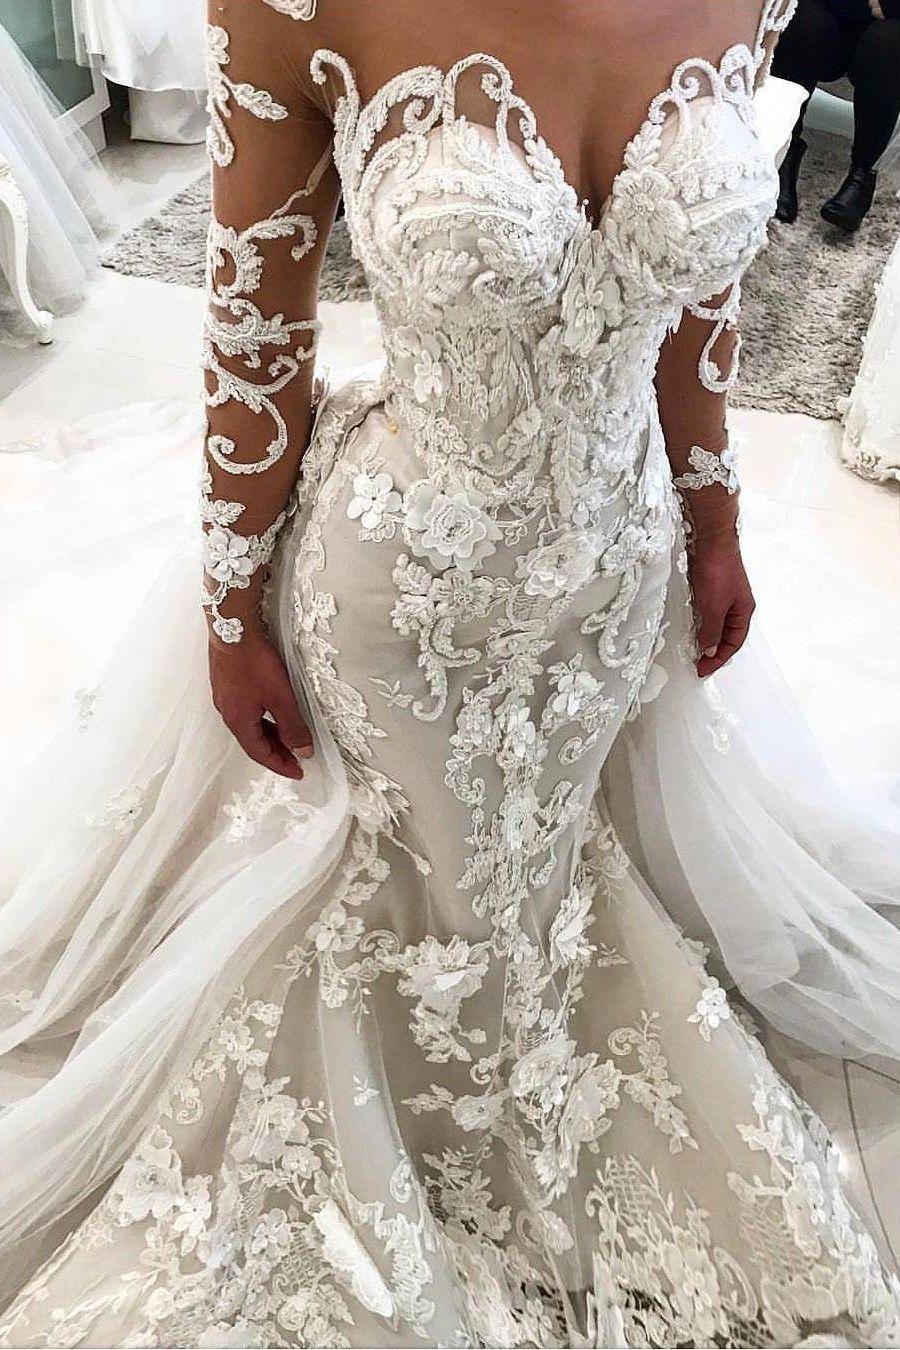 2019 Détachable Train Manches longues Scoop Mermaid Robes de mariée avec appliques Tulle € 388.41 IRPDY72H98 - IdealRobe.fr